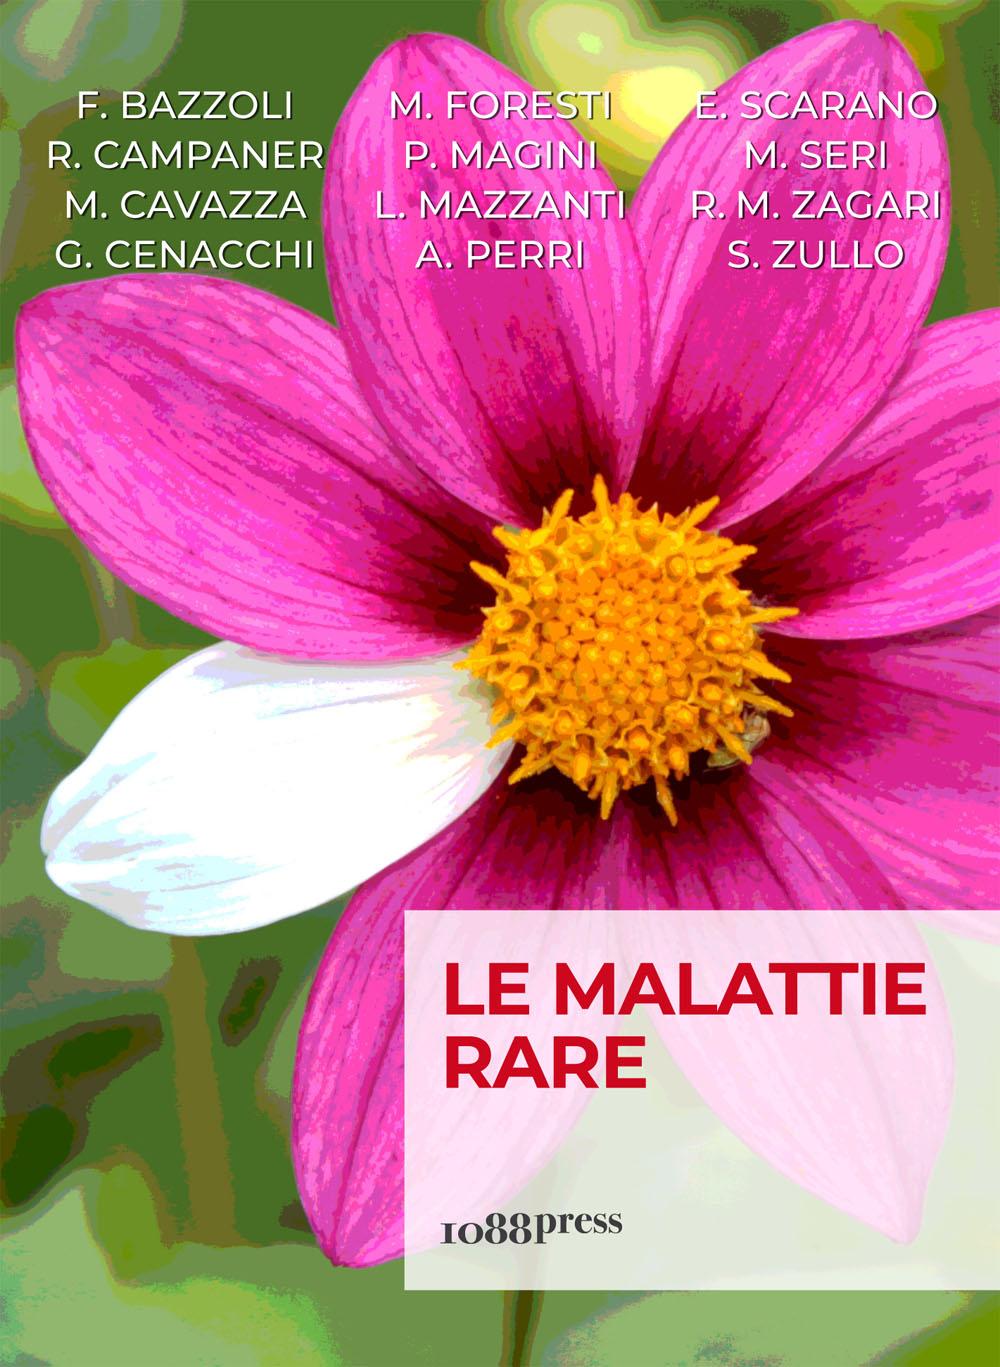 Le malattie rare - Bononia University Press